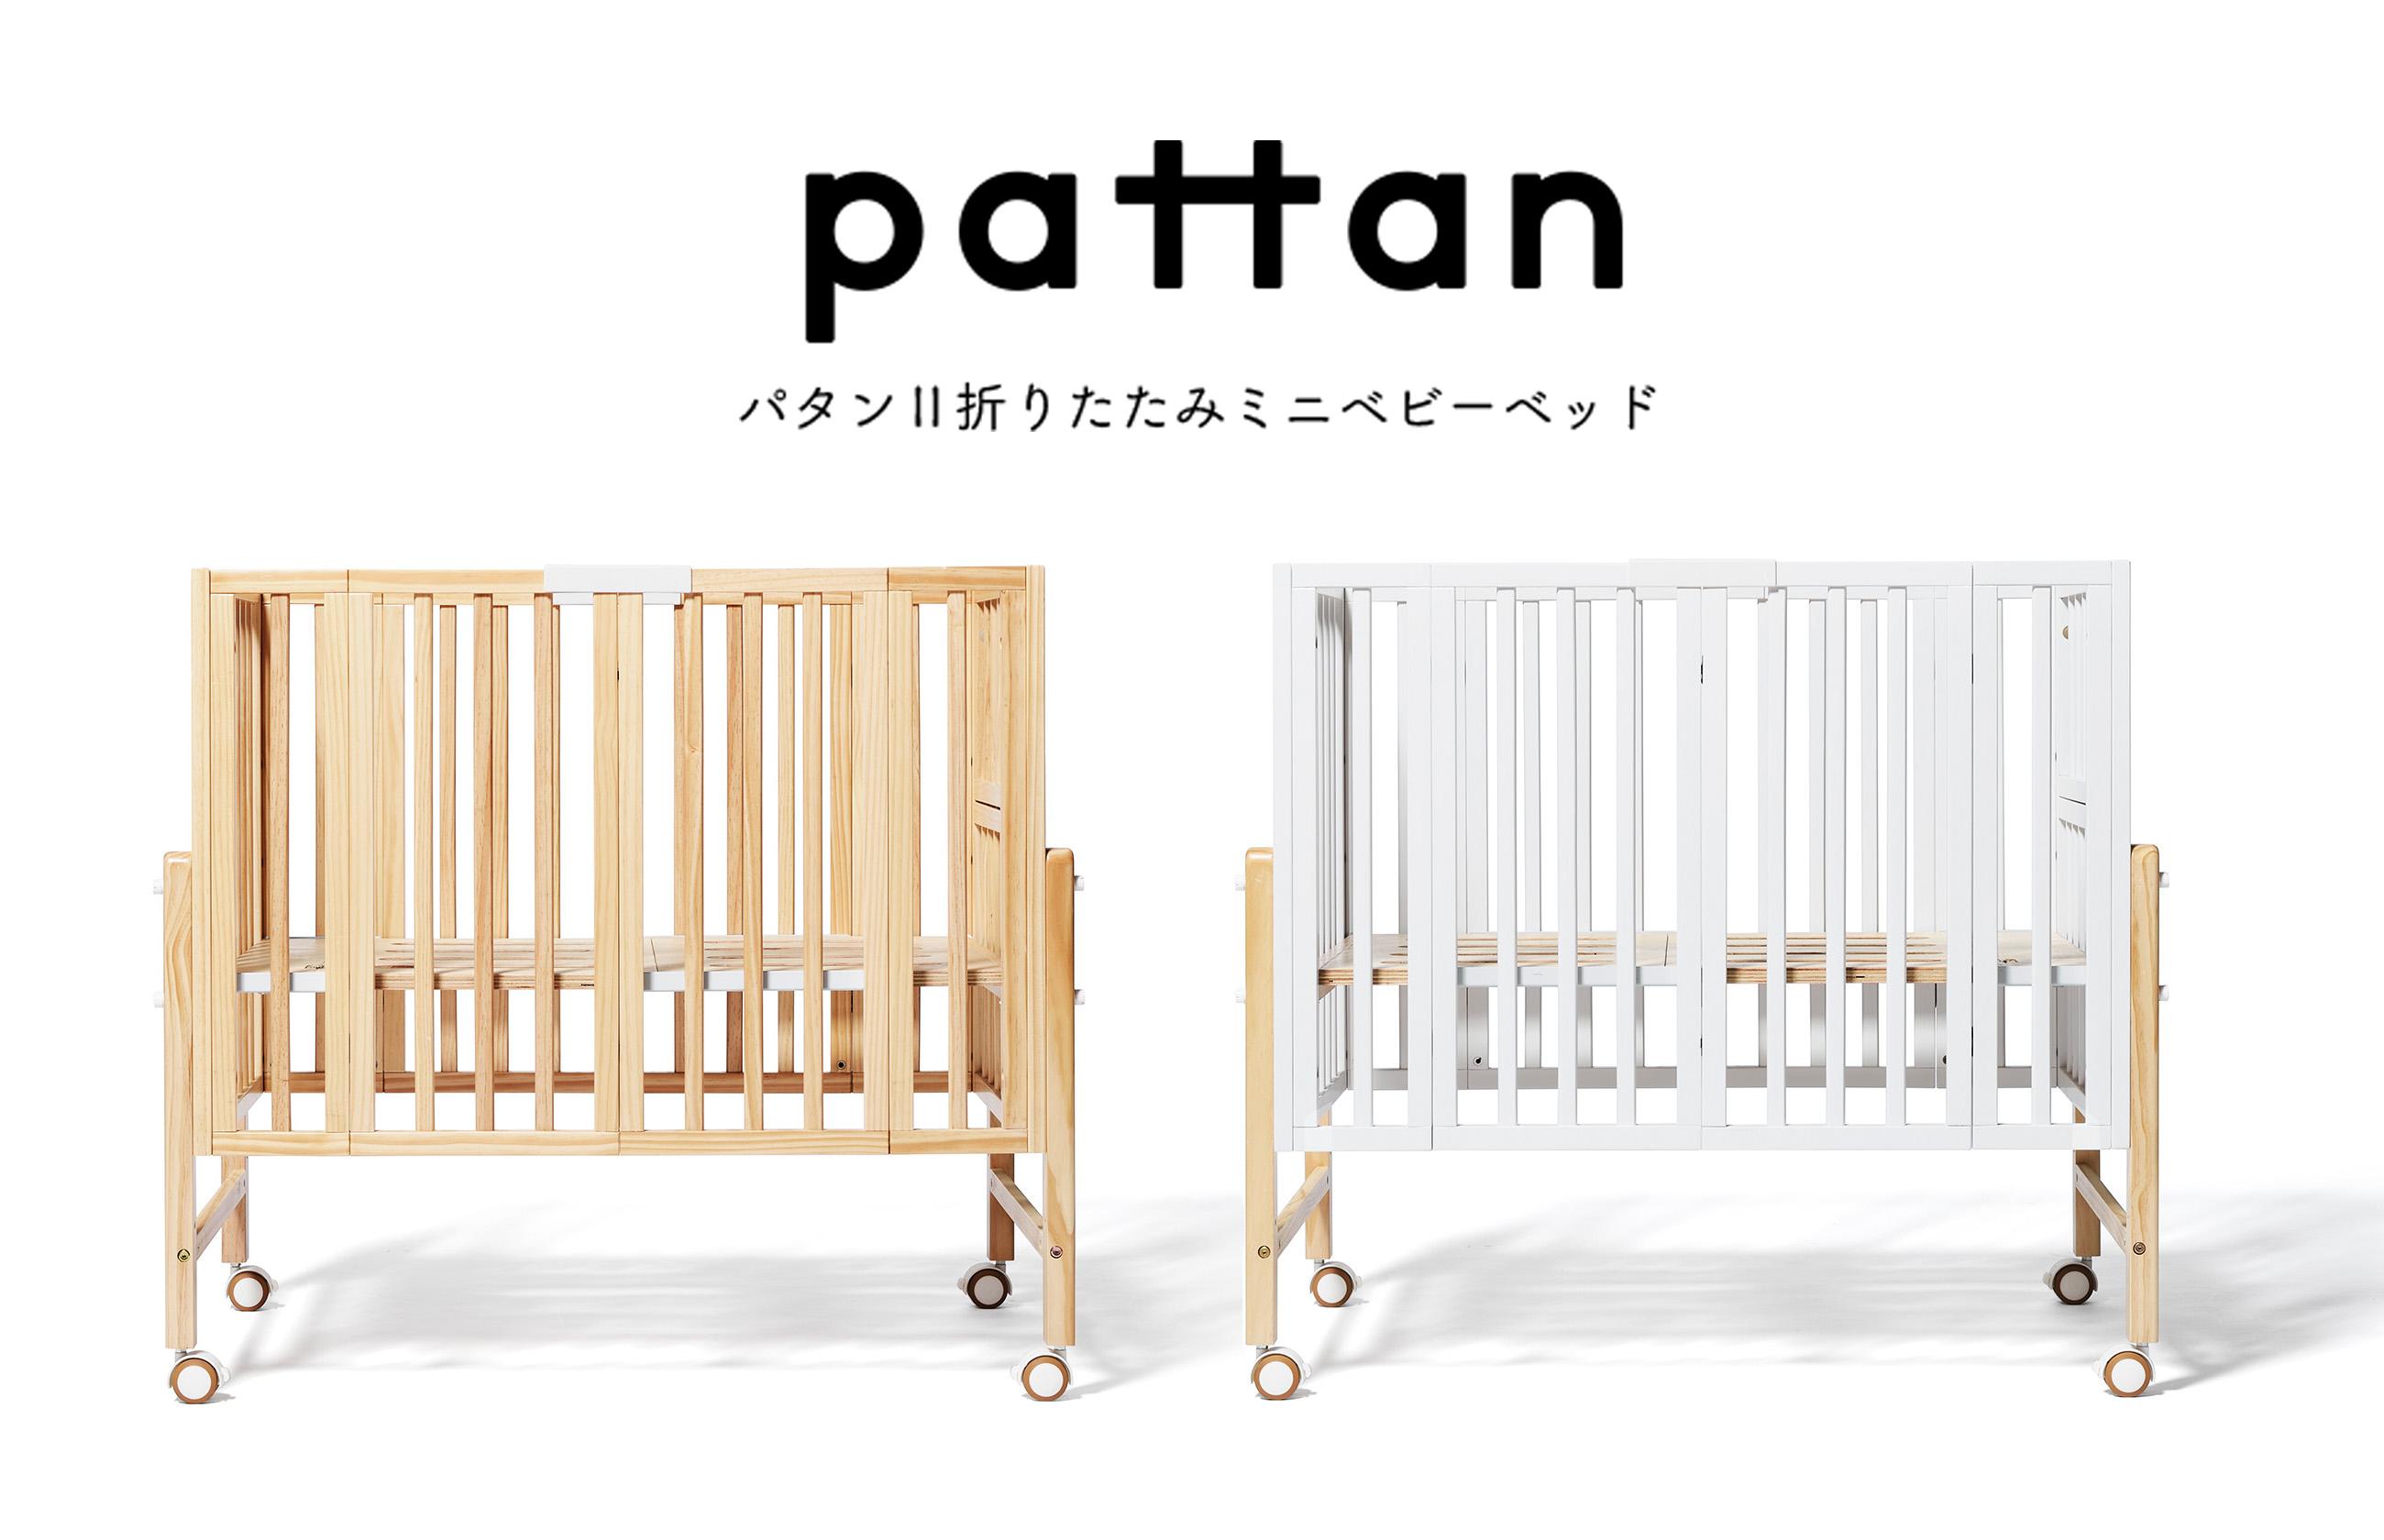 pattan2_logo